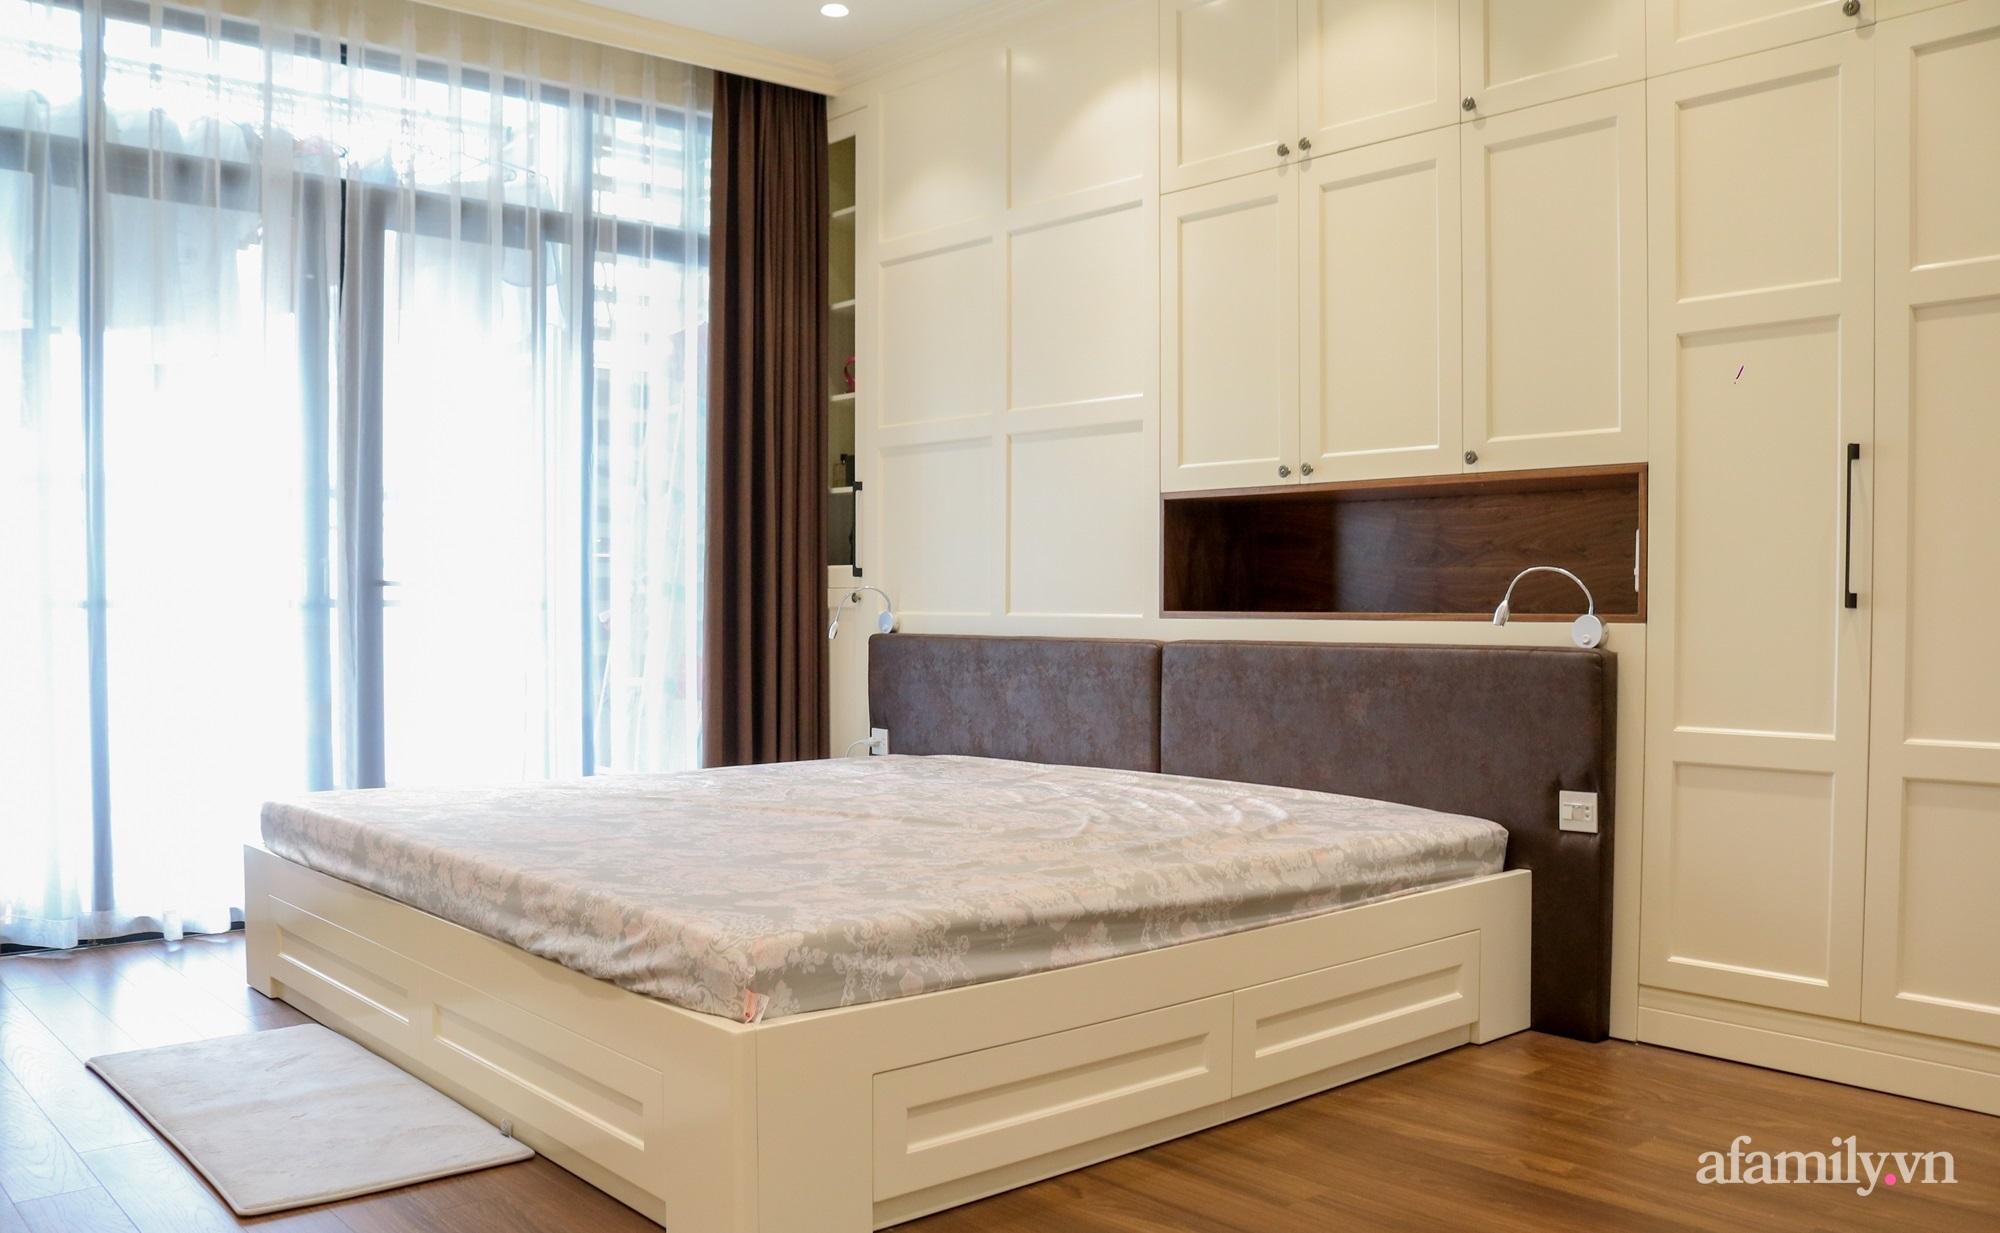 Căn hộ 121m² đẹp sang chảnh với phong cách bán cổ điển ở Hà Nội - Ảnh 18.